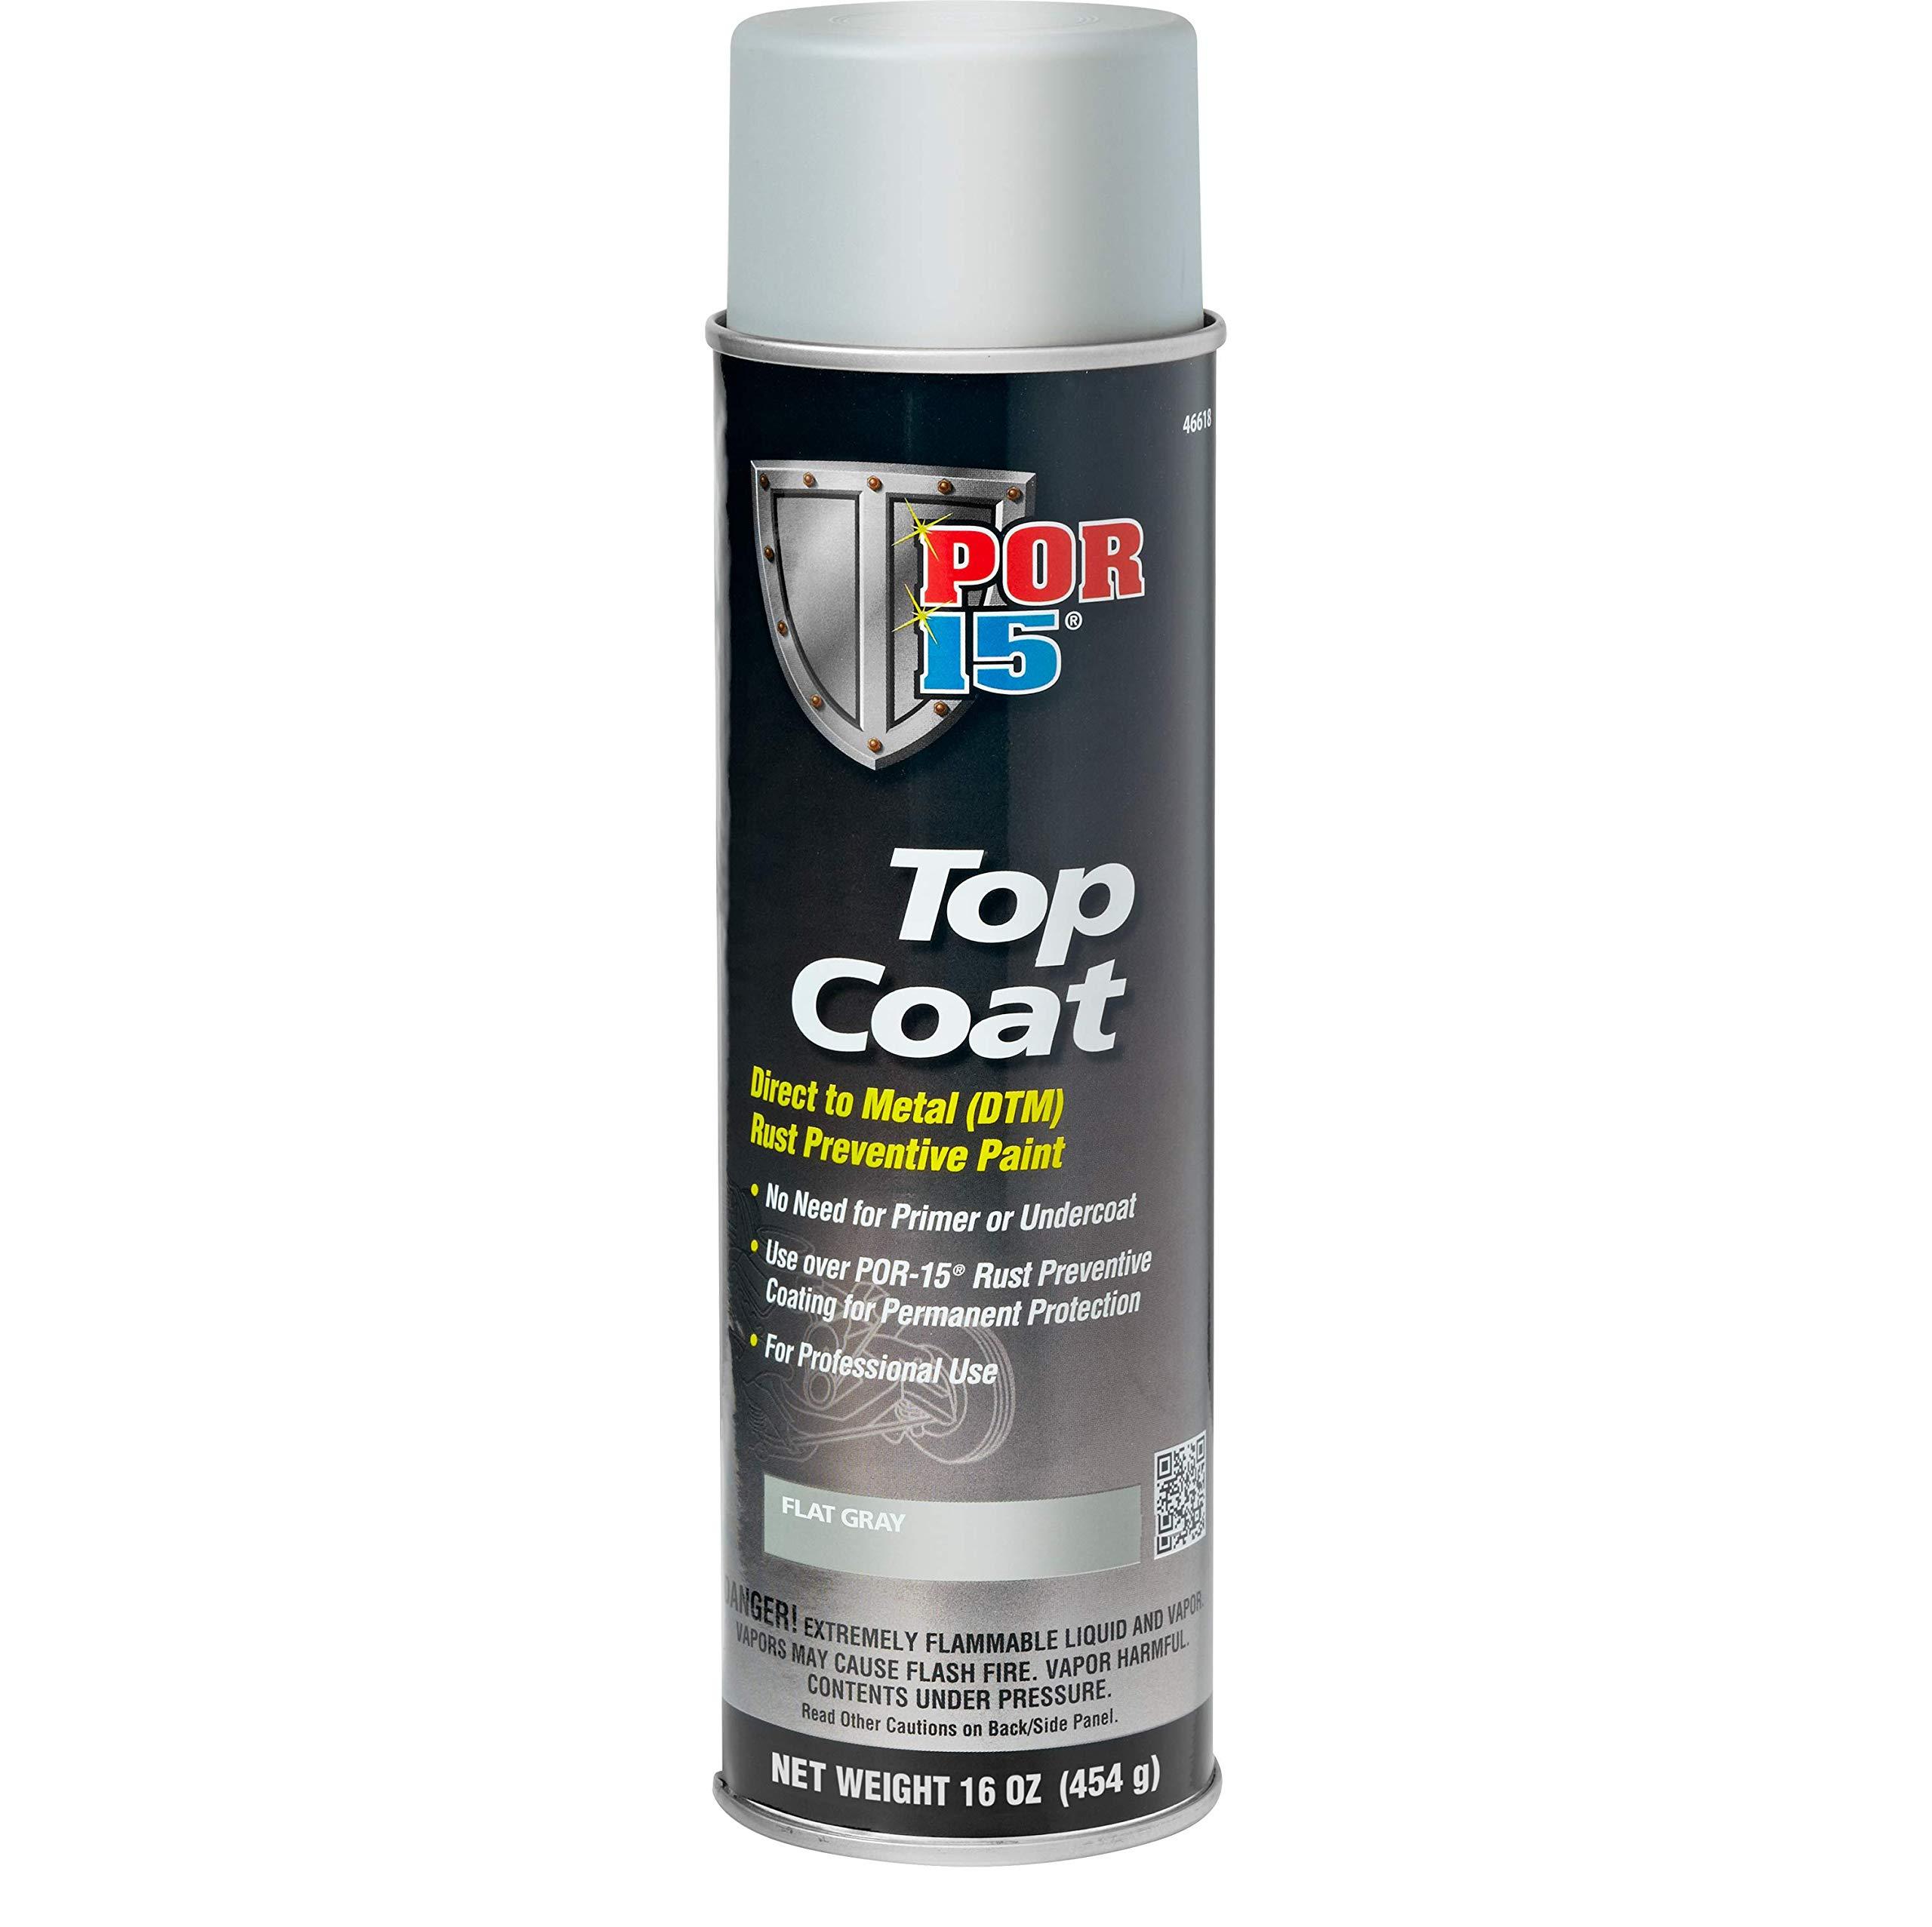 POR-15 46618 Top Coat Flat Gray Spray Paint 16. Fluid_Ounces